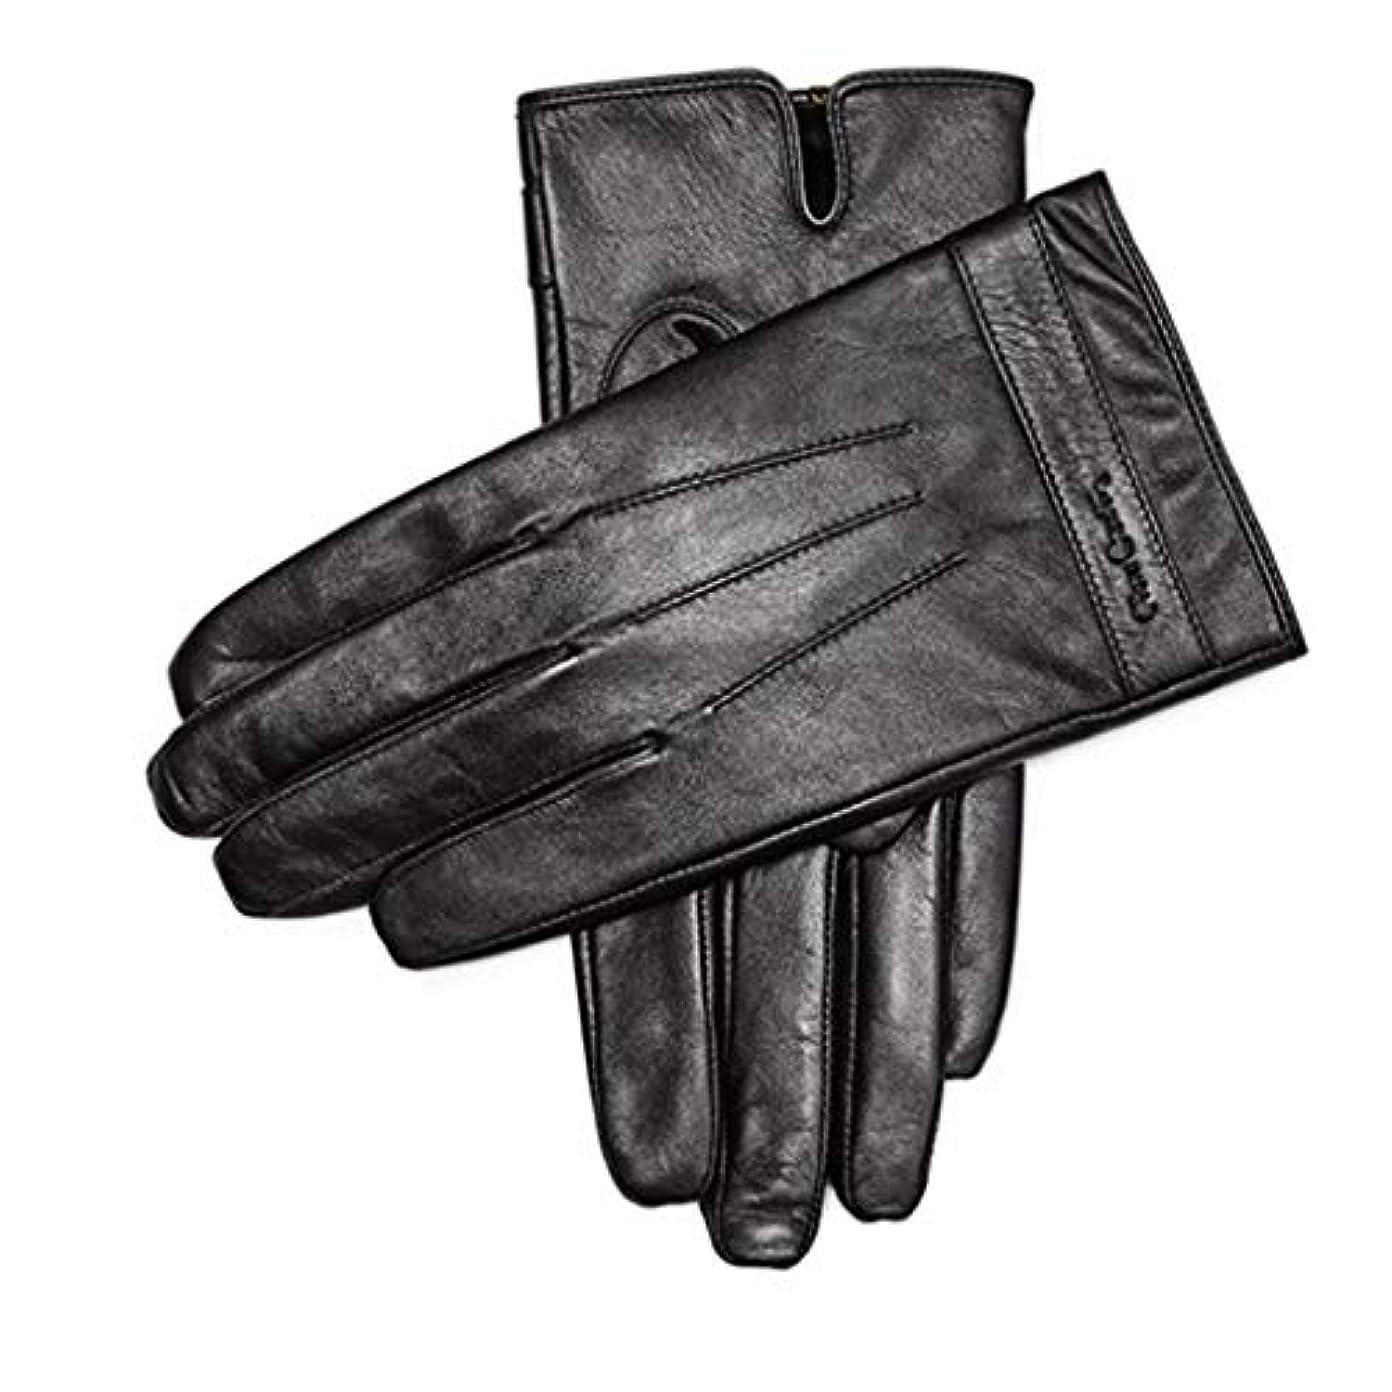 屋内パスタ溶融手袋暖かい肥厚プラスベルベットメンズシープスキン手袋メンズウィンターアンチスキッドサイクリングレザーグローブタッチスクリーンモデル(883191170-1厚いベルベット)L(175 / 65-70KG)